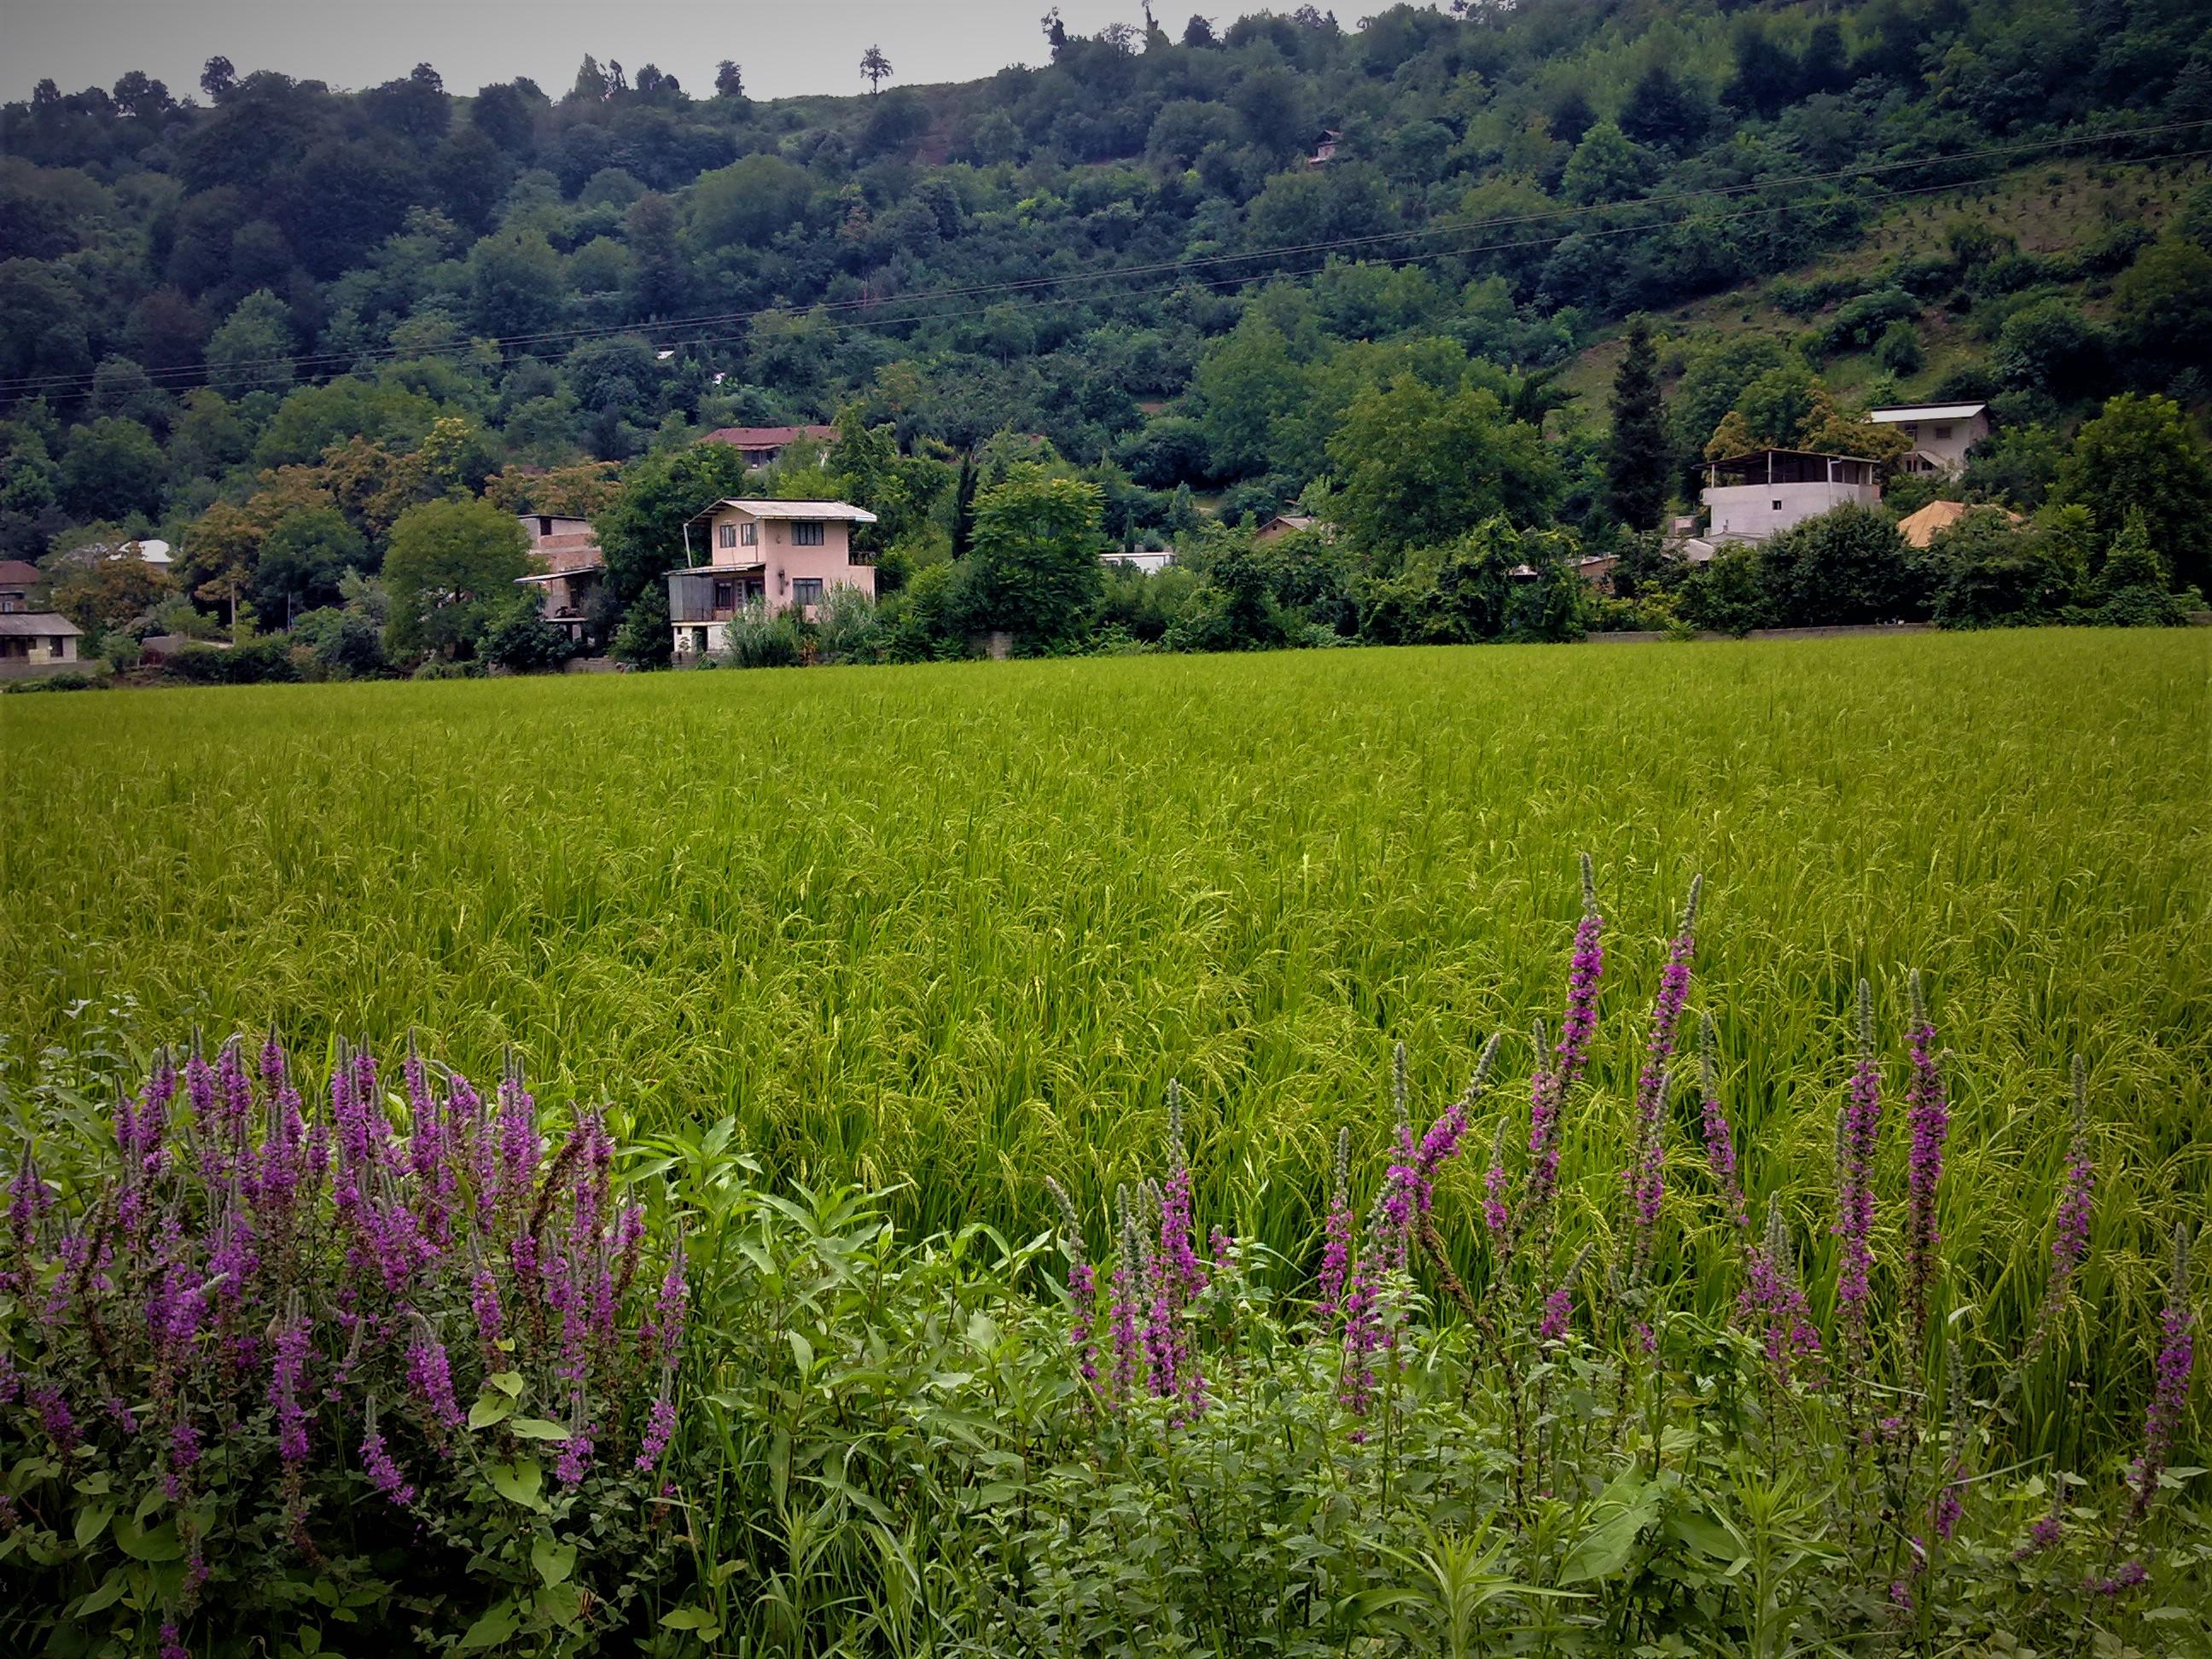 آهودشت ساری ، روستایی زیبا و دیدنی در استان همیشه سبز مازندران